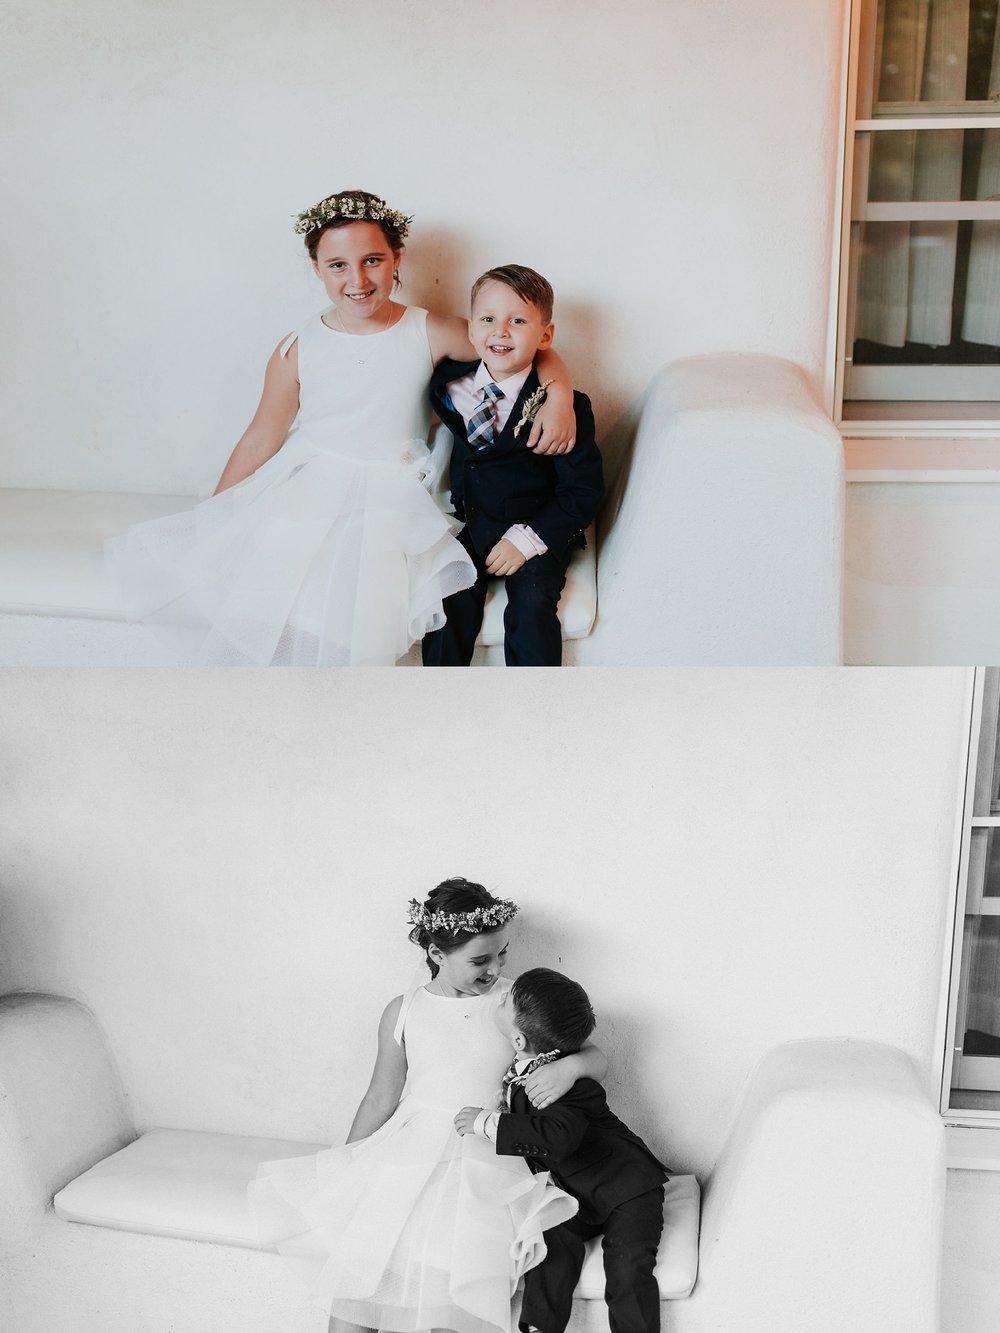 Alicia+lucia+photography+-+albuquerque+wedding+photographer+-+santa+fe+wedding+photography+-+new+mexico+wedding+photographer+-+new+mexico+wedding+-+flower+girl+-+wedding+flower+girl_0034.jpg